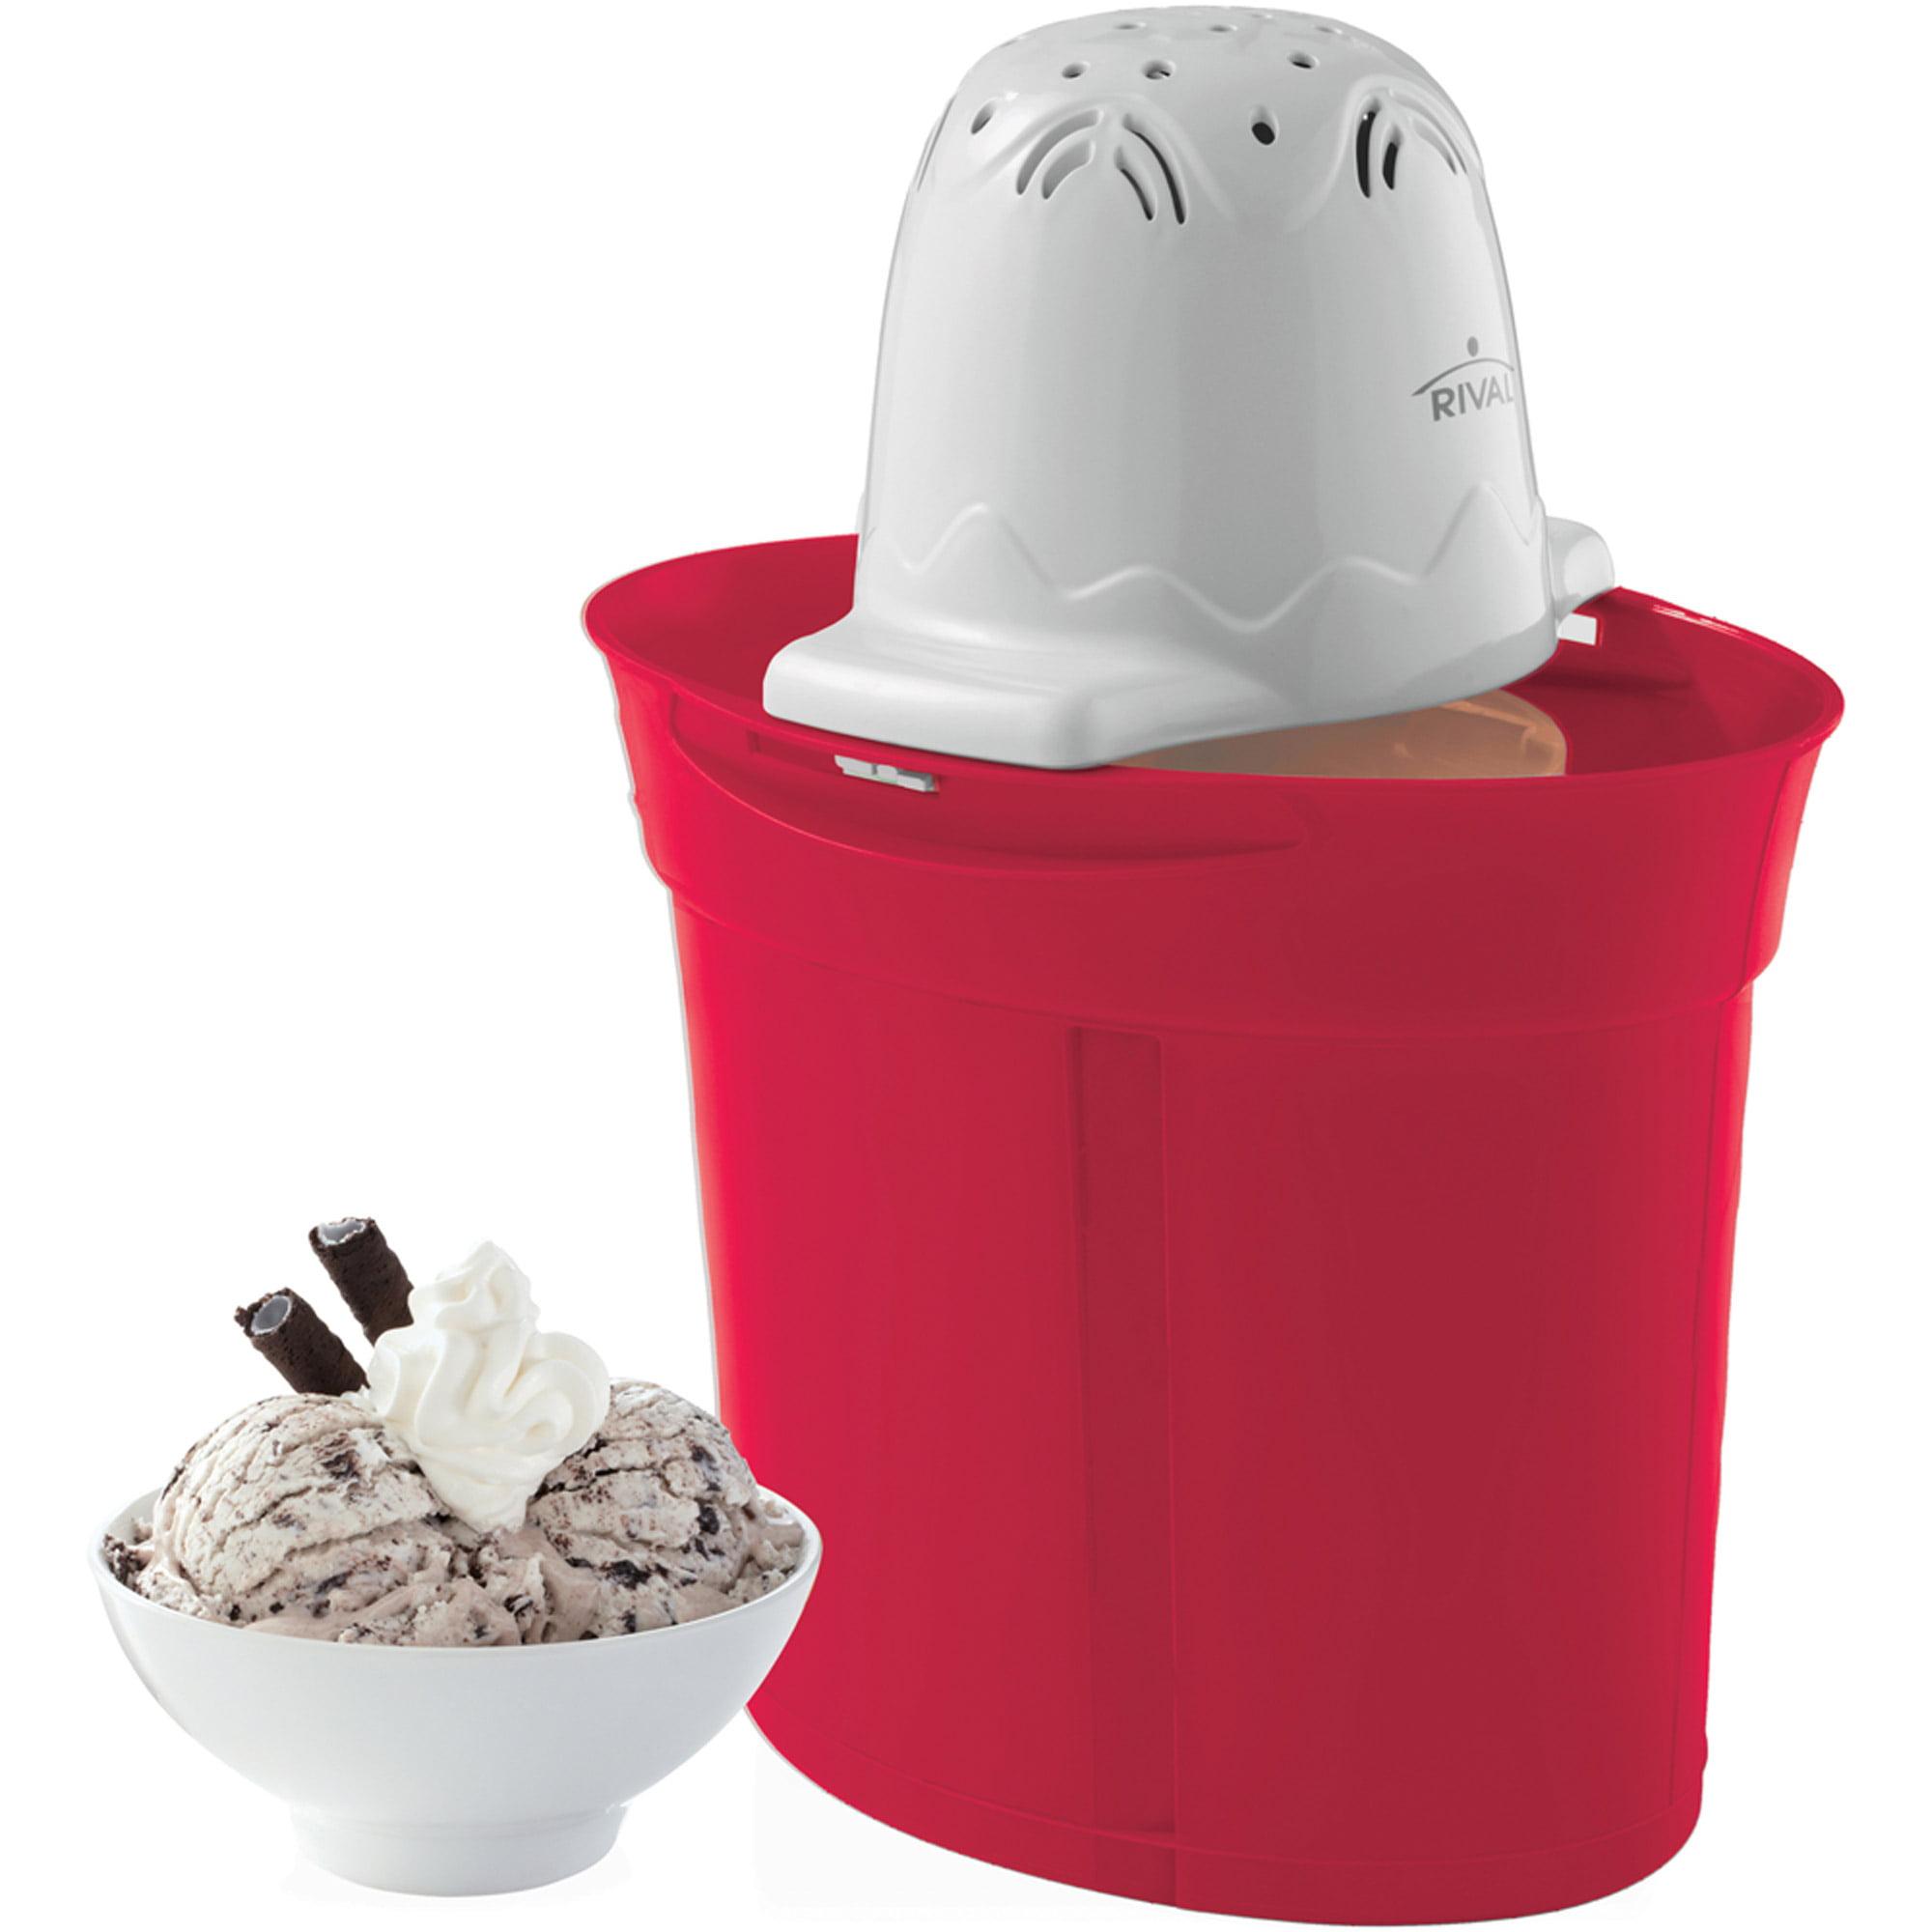 4-Quart Ice Cream Maker